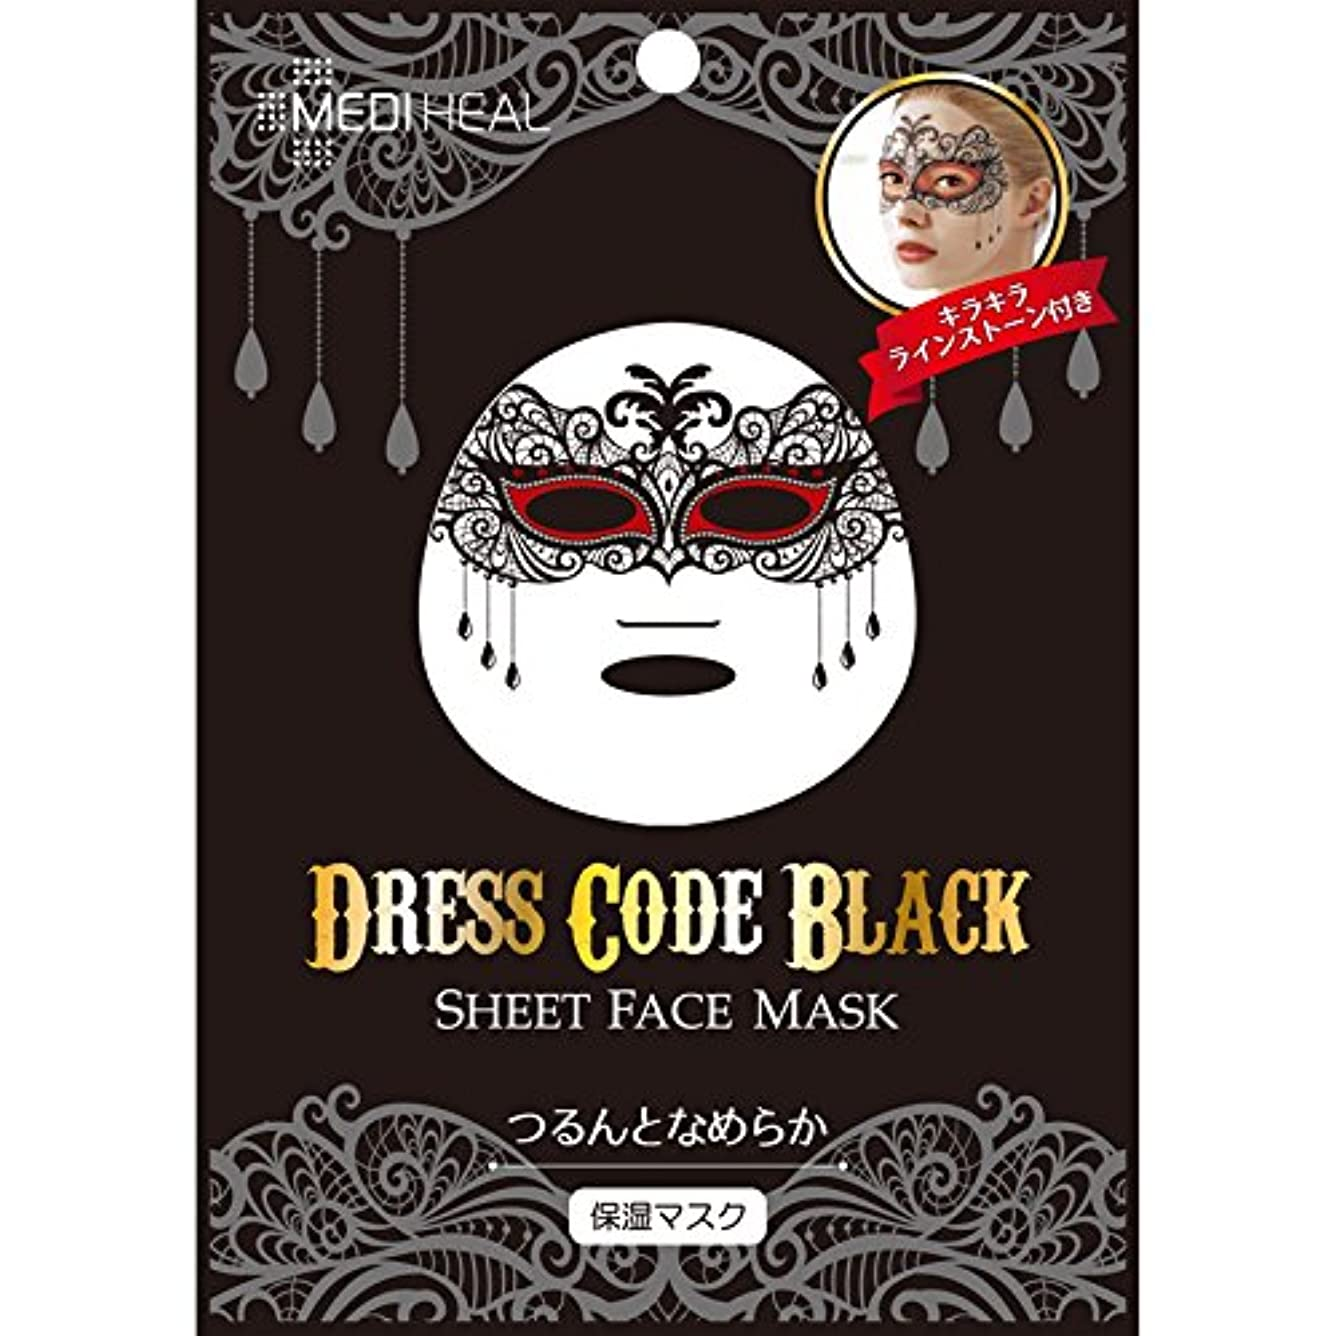 外側ネット謎メディヒル フェイスマスク ドレスコードブラック (27ML/1シート)